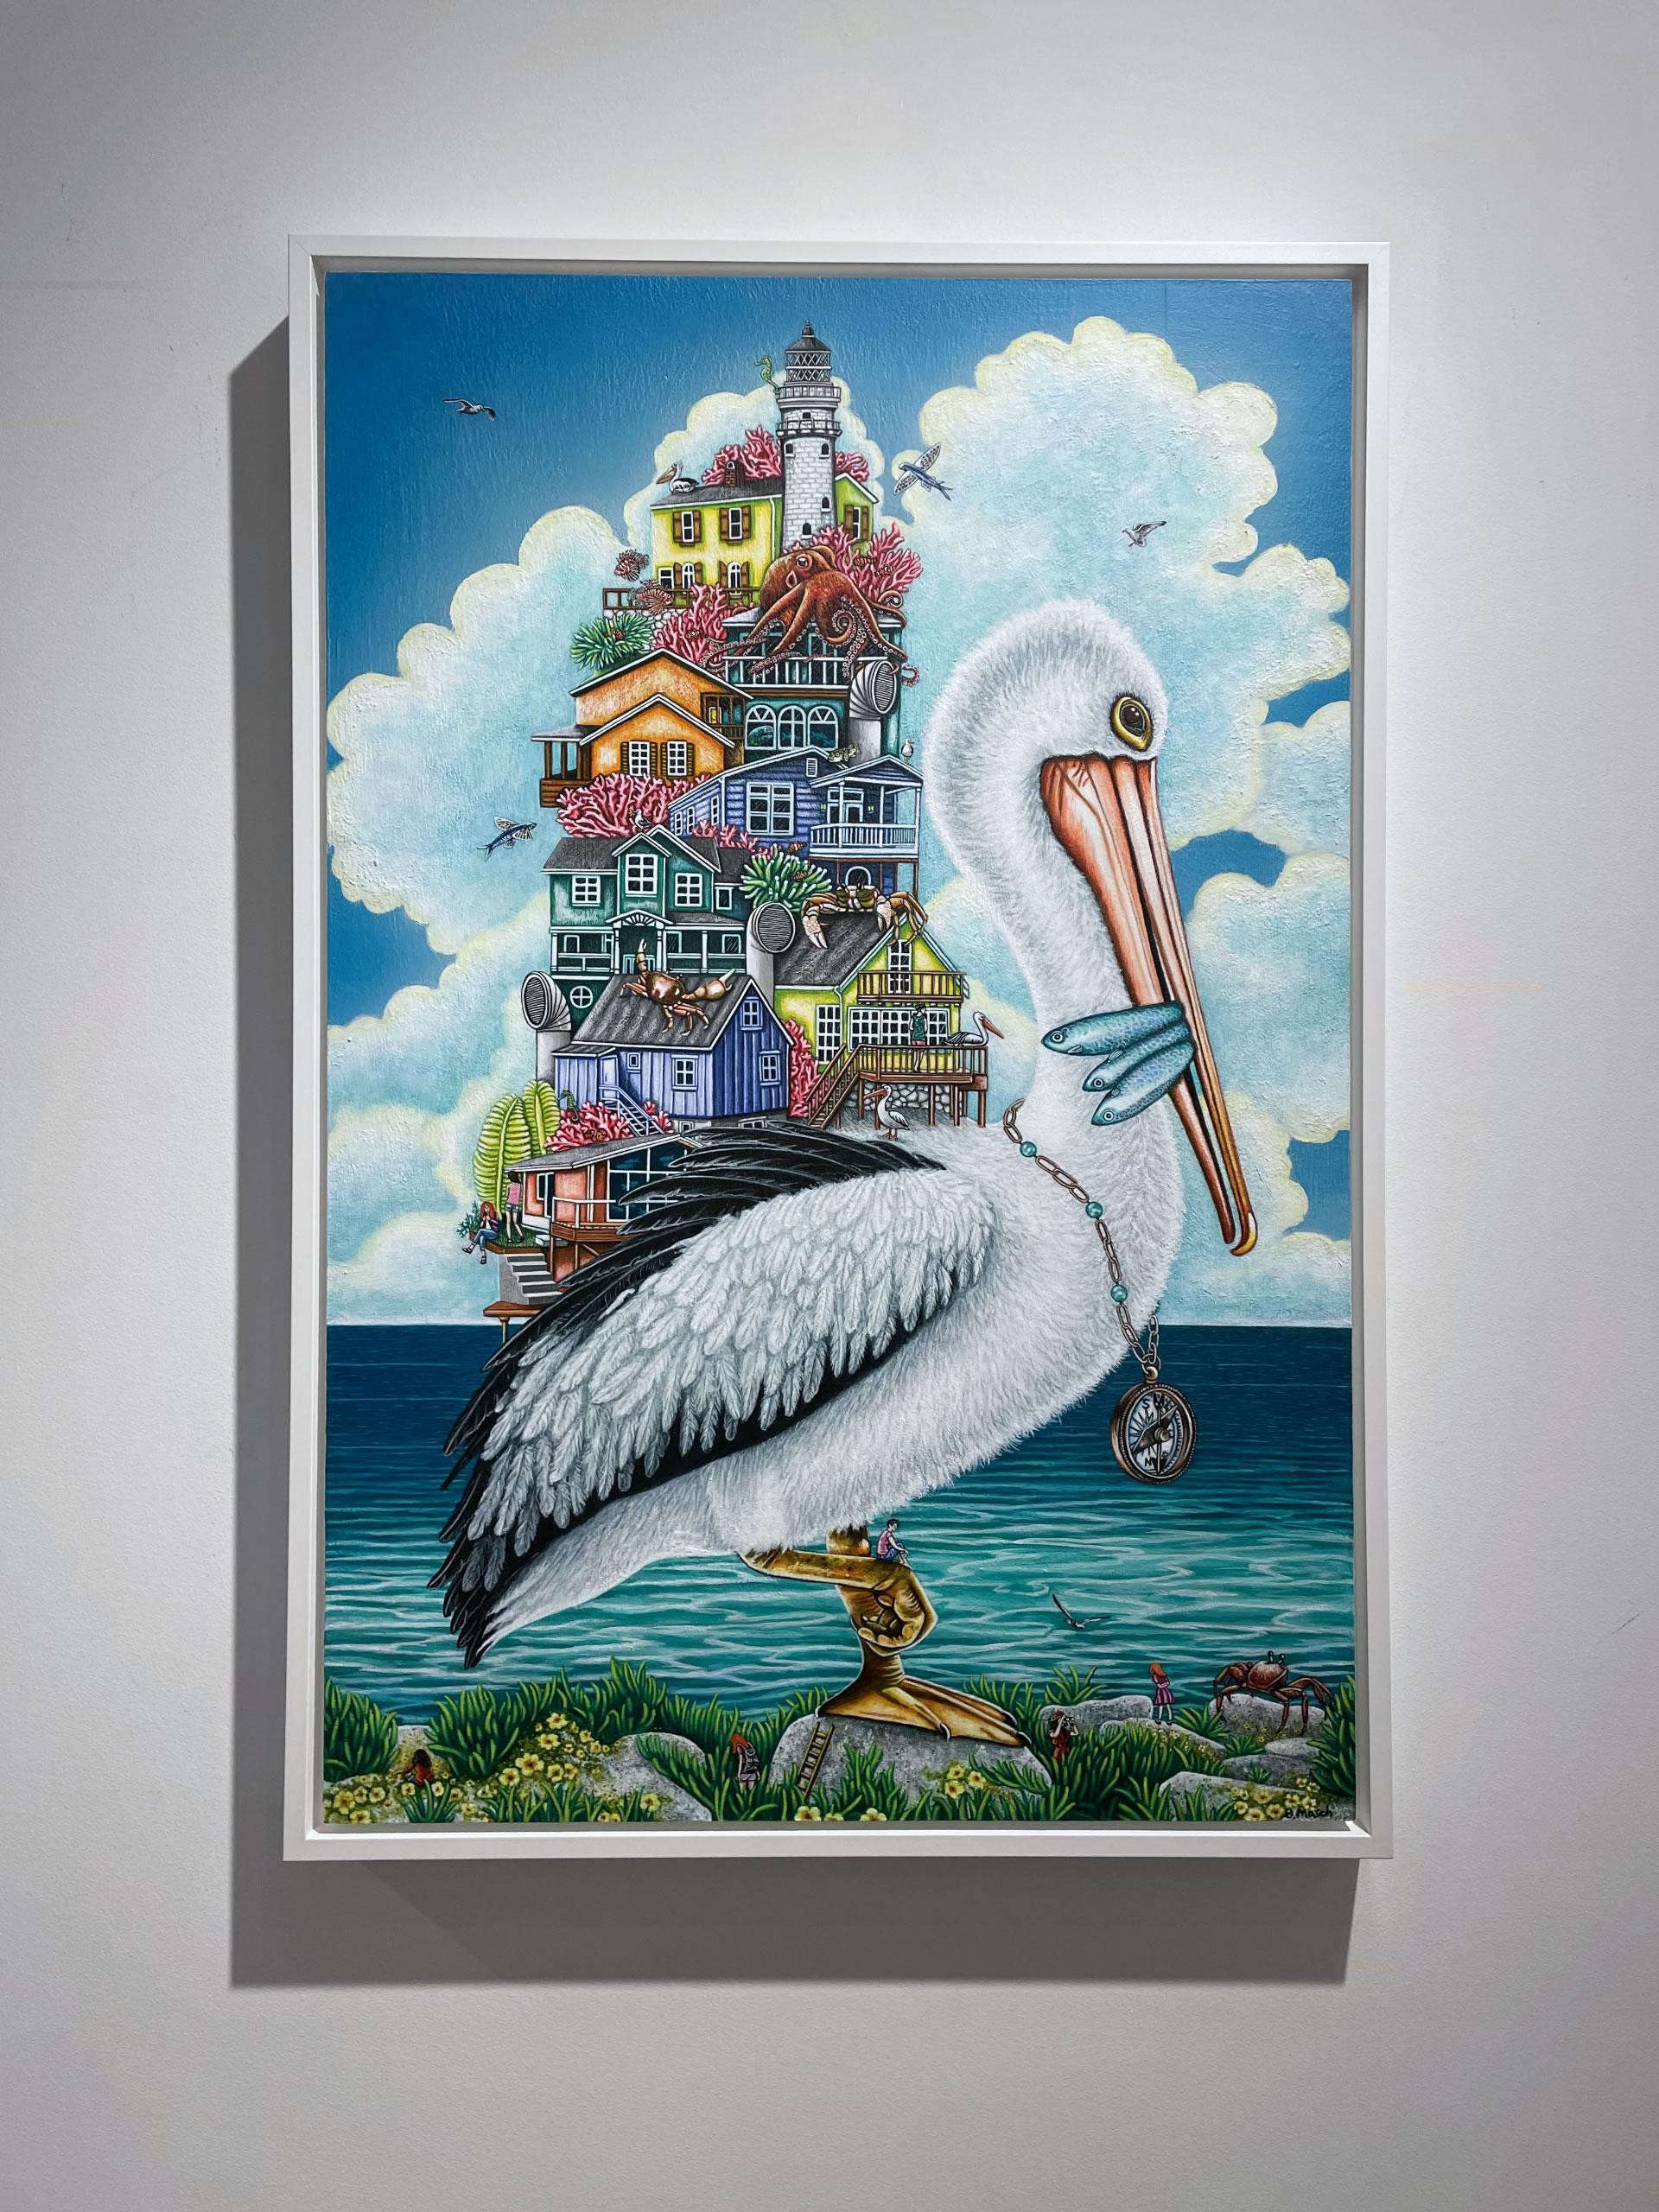 Brandy-Masch-Pelicans-Perch-36x24-Front-Online-Art-Galleries